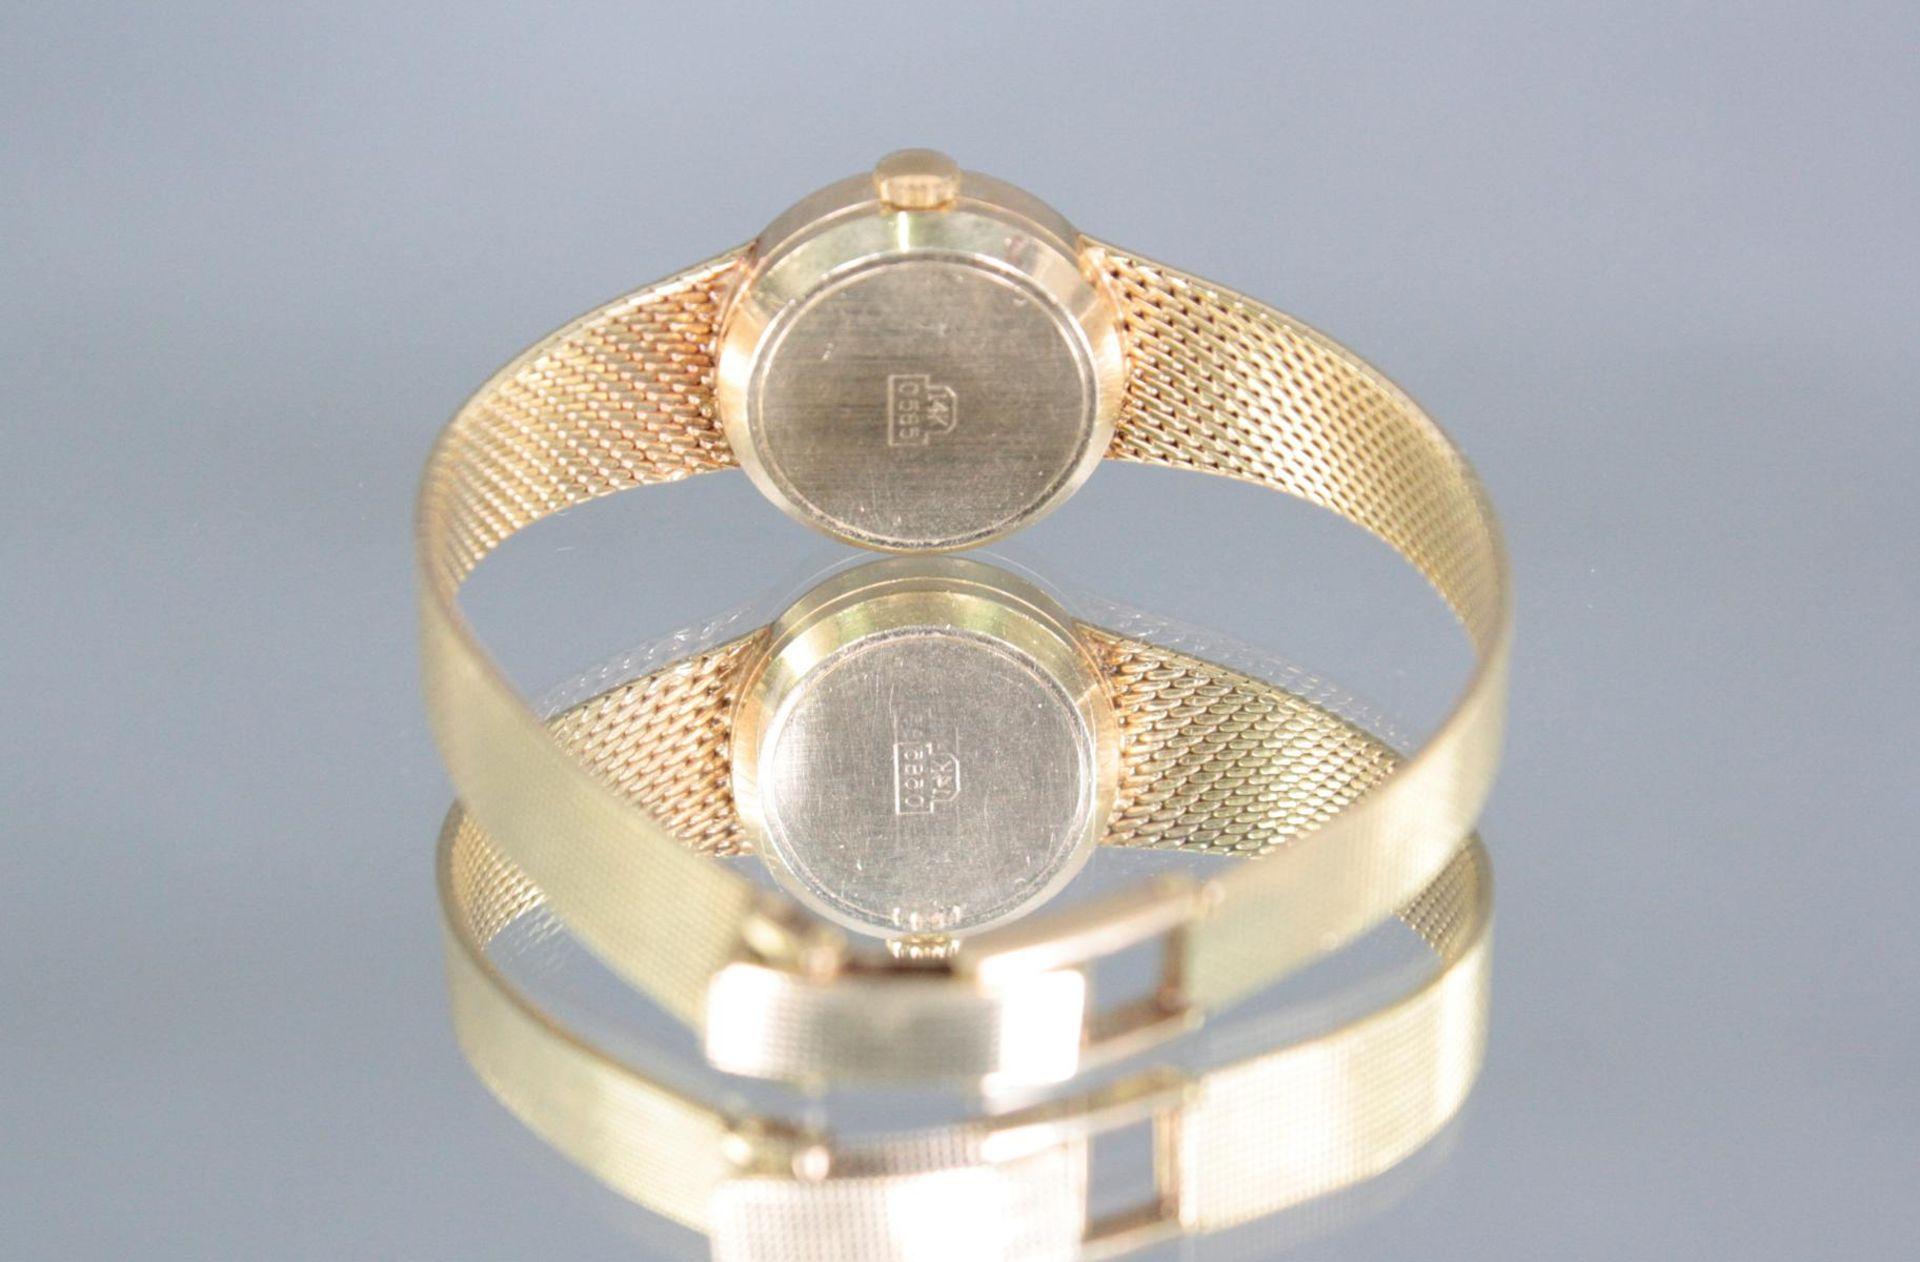 Morago Damenarmbanduhr, 14 Karat Gelbgold - Bild 2 aus 3